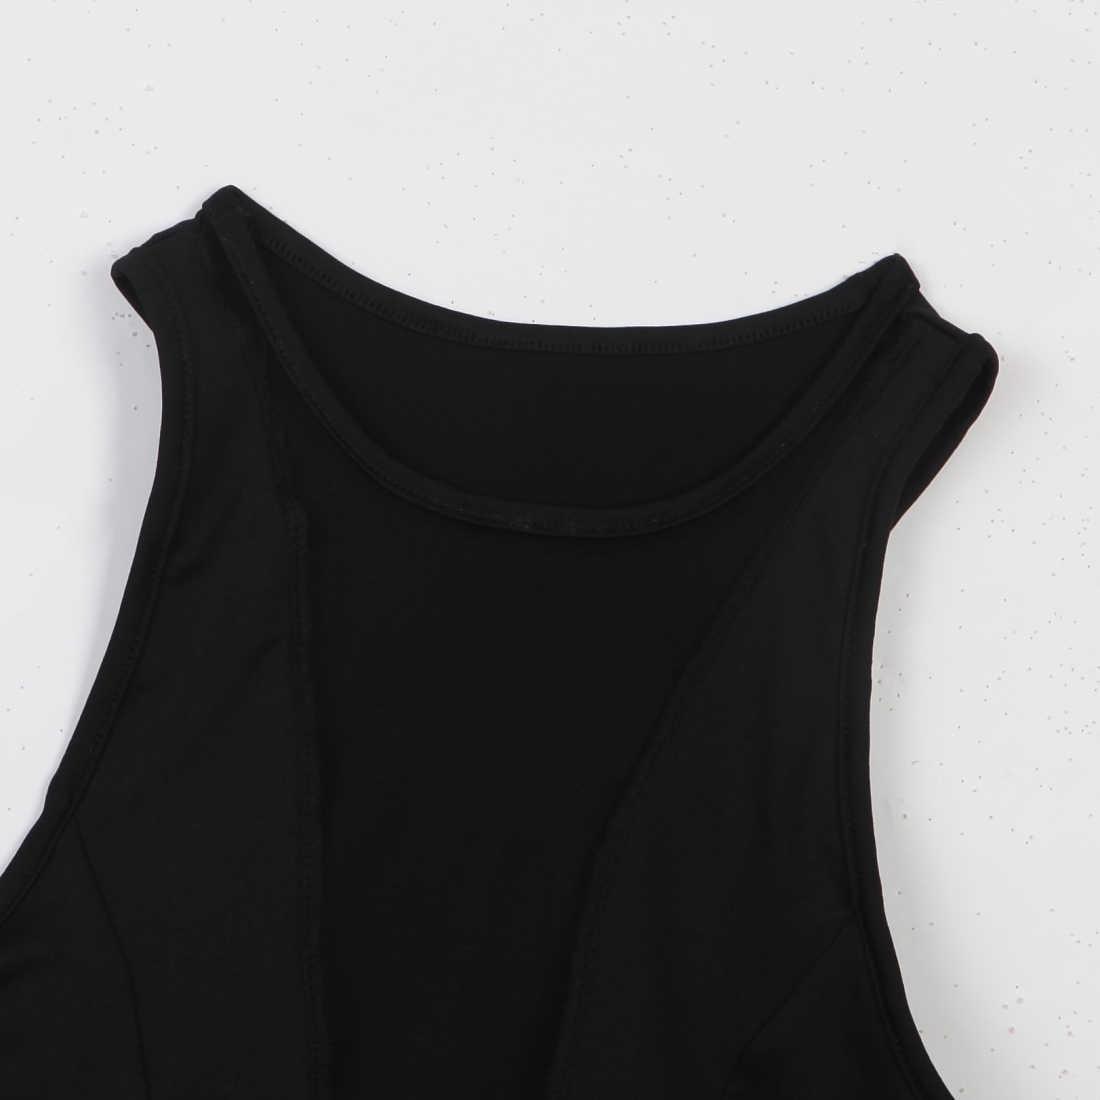 Damska kwiecista przezroczysta koronka e czarny biustonosz Bralette gorset krótki top bez podszewki